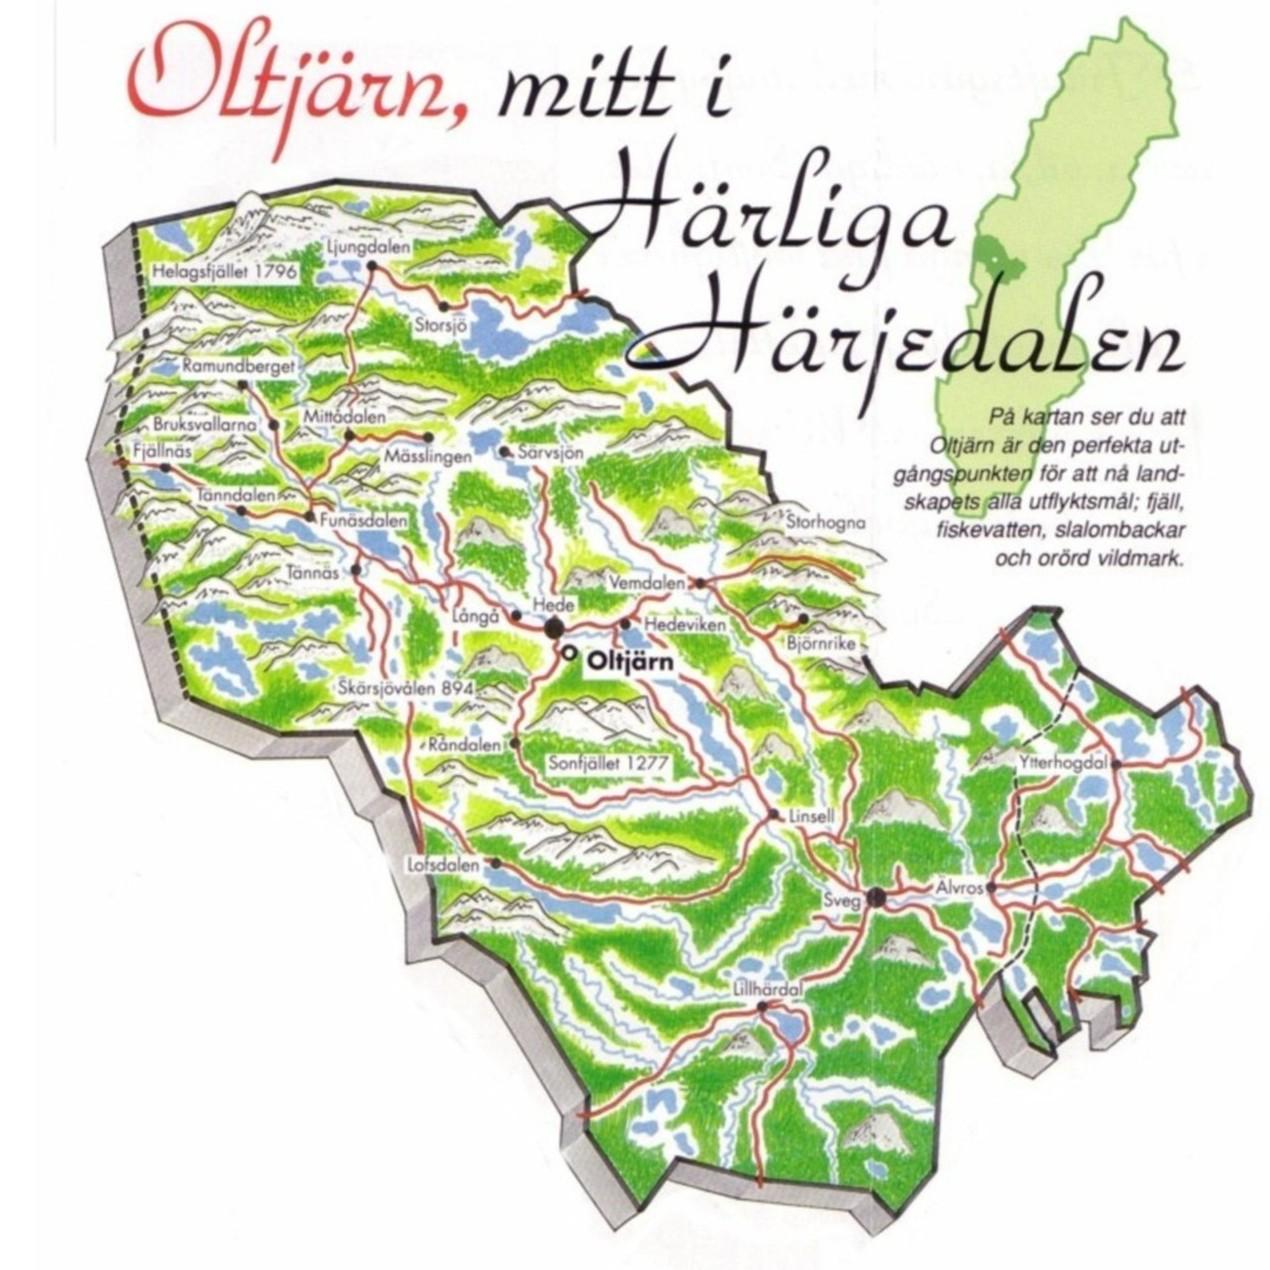 härjedalen karta Karta över Härjedalen Regionen | Karta över Sverige, Geografisk  härjedalen karta